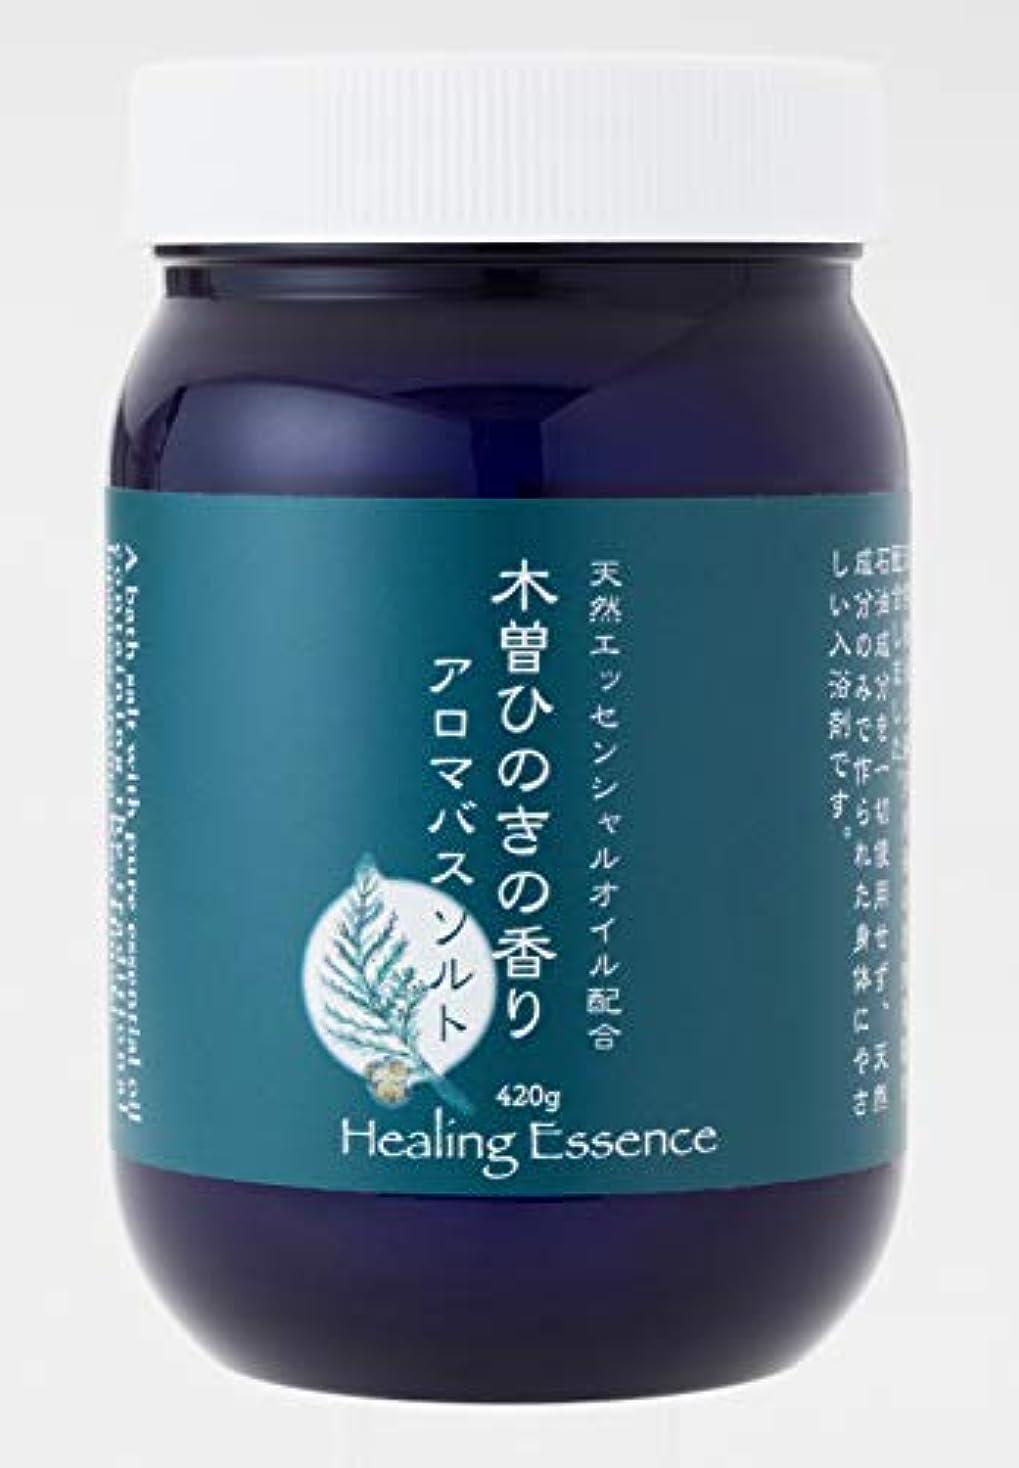 愛撫重要な役割を果たす、中心的な手段となる多数の木曽ひのきの香りアロマバスソルト